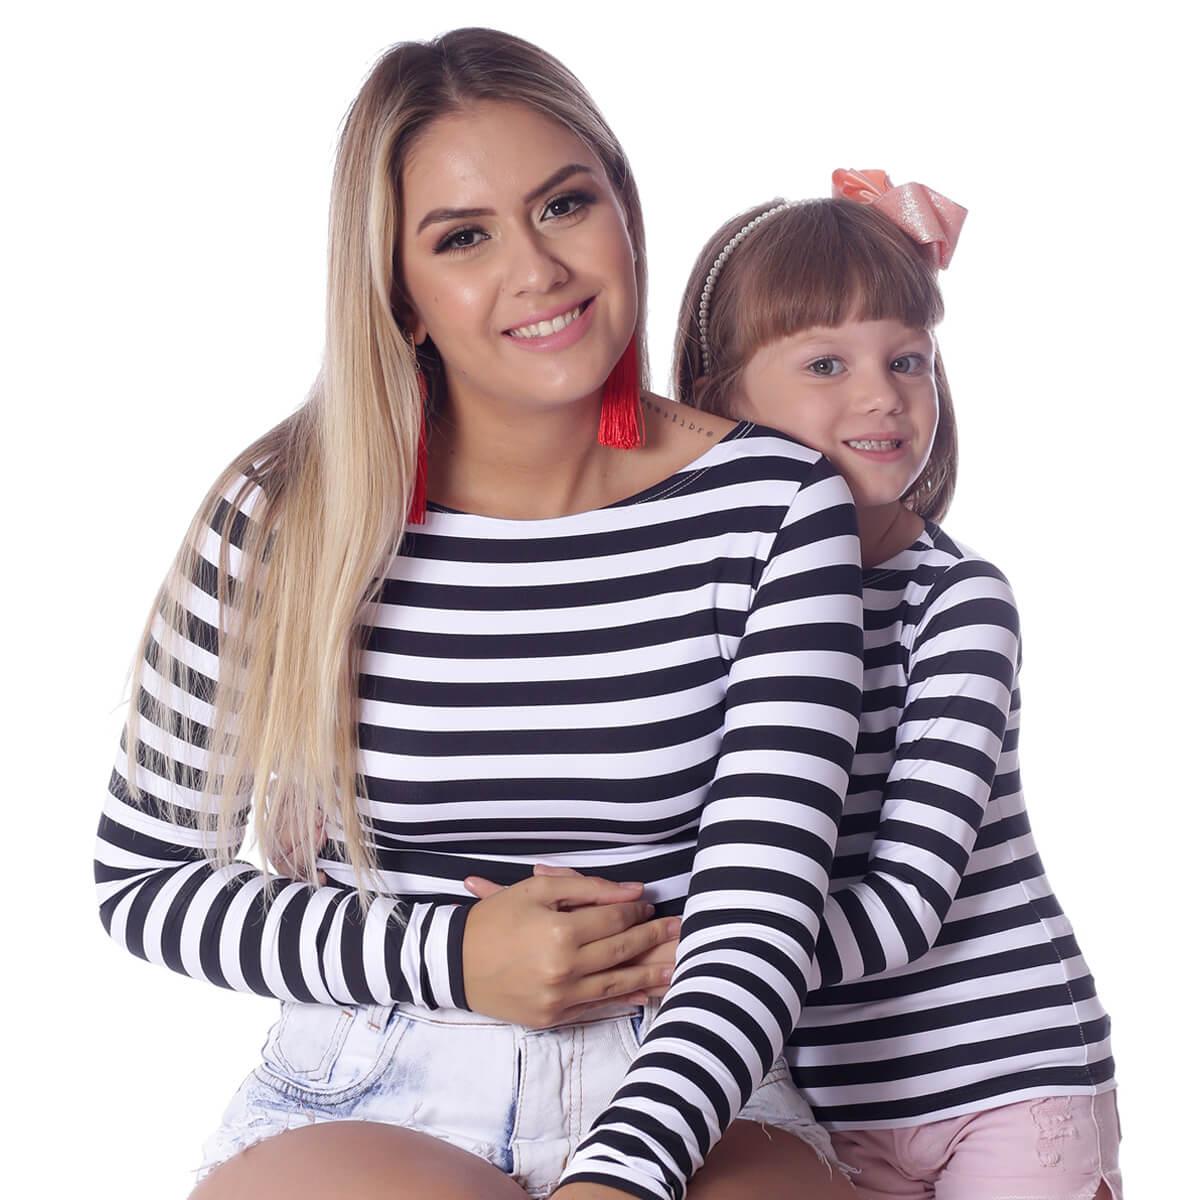 Blusa Infantil com Proteção UV Branca de Listras Finas Pretas Manga Longa Decote Canoa